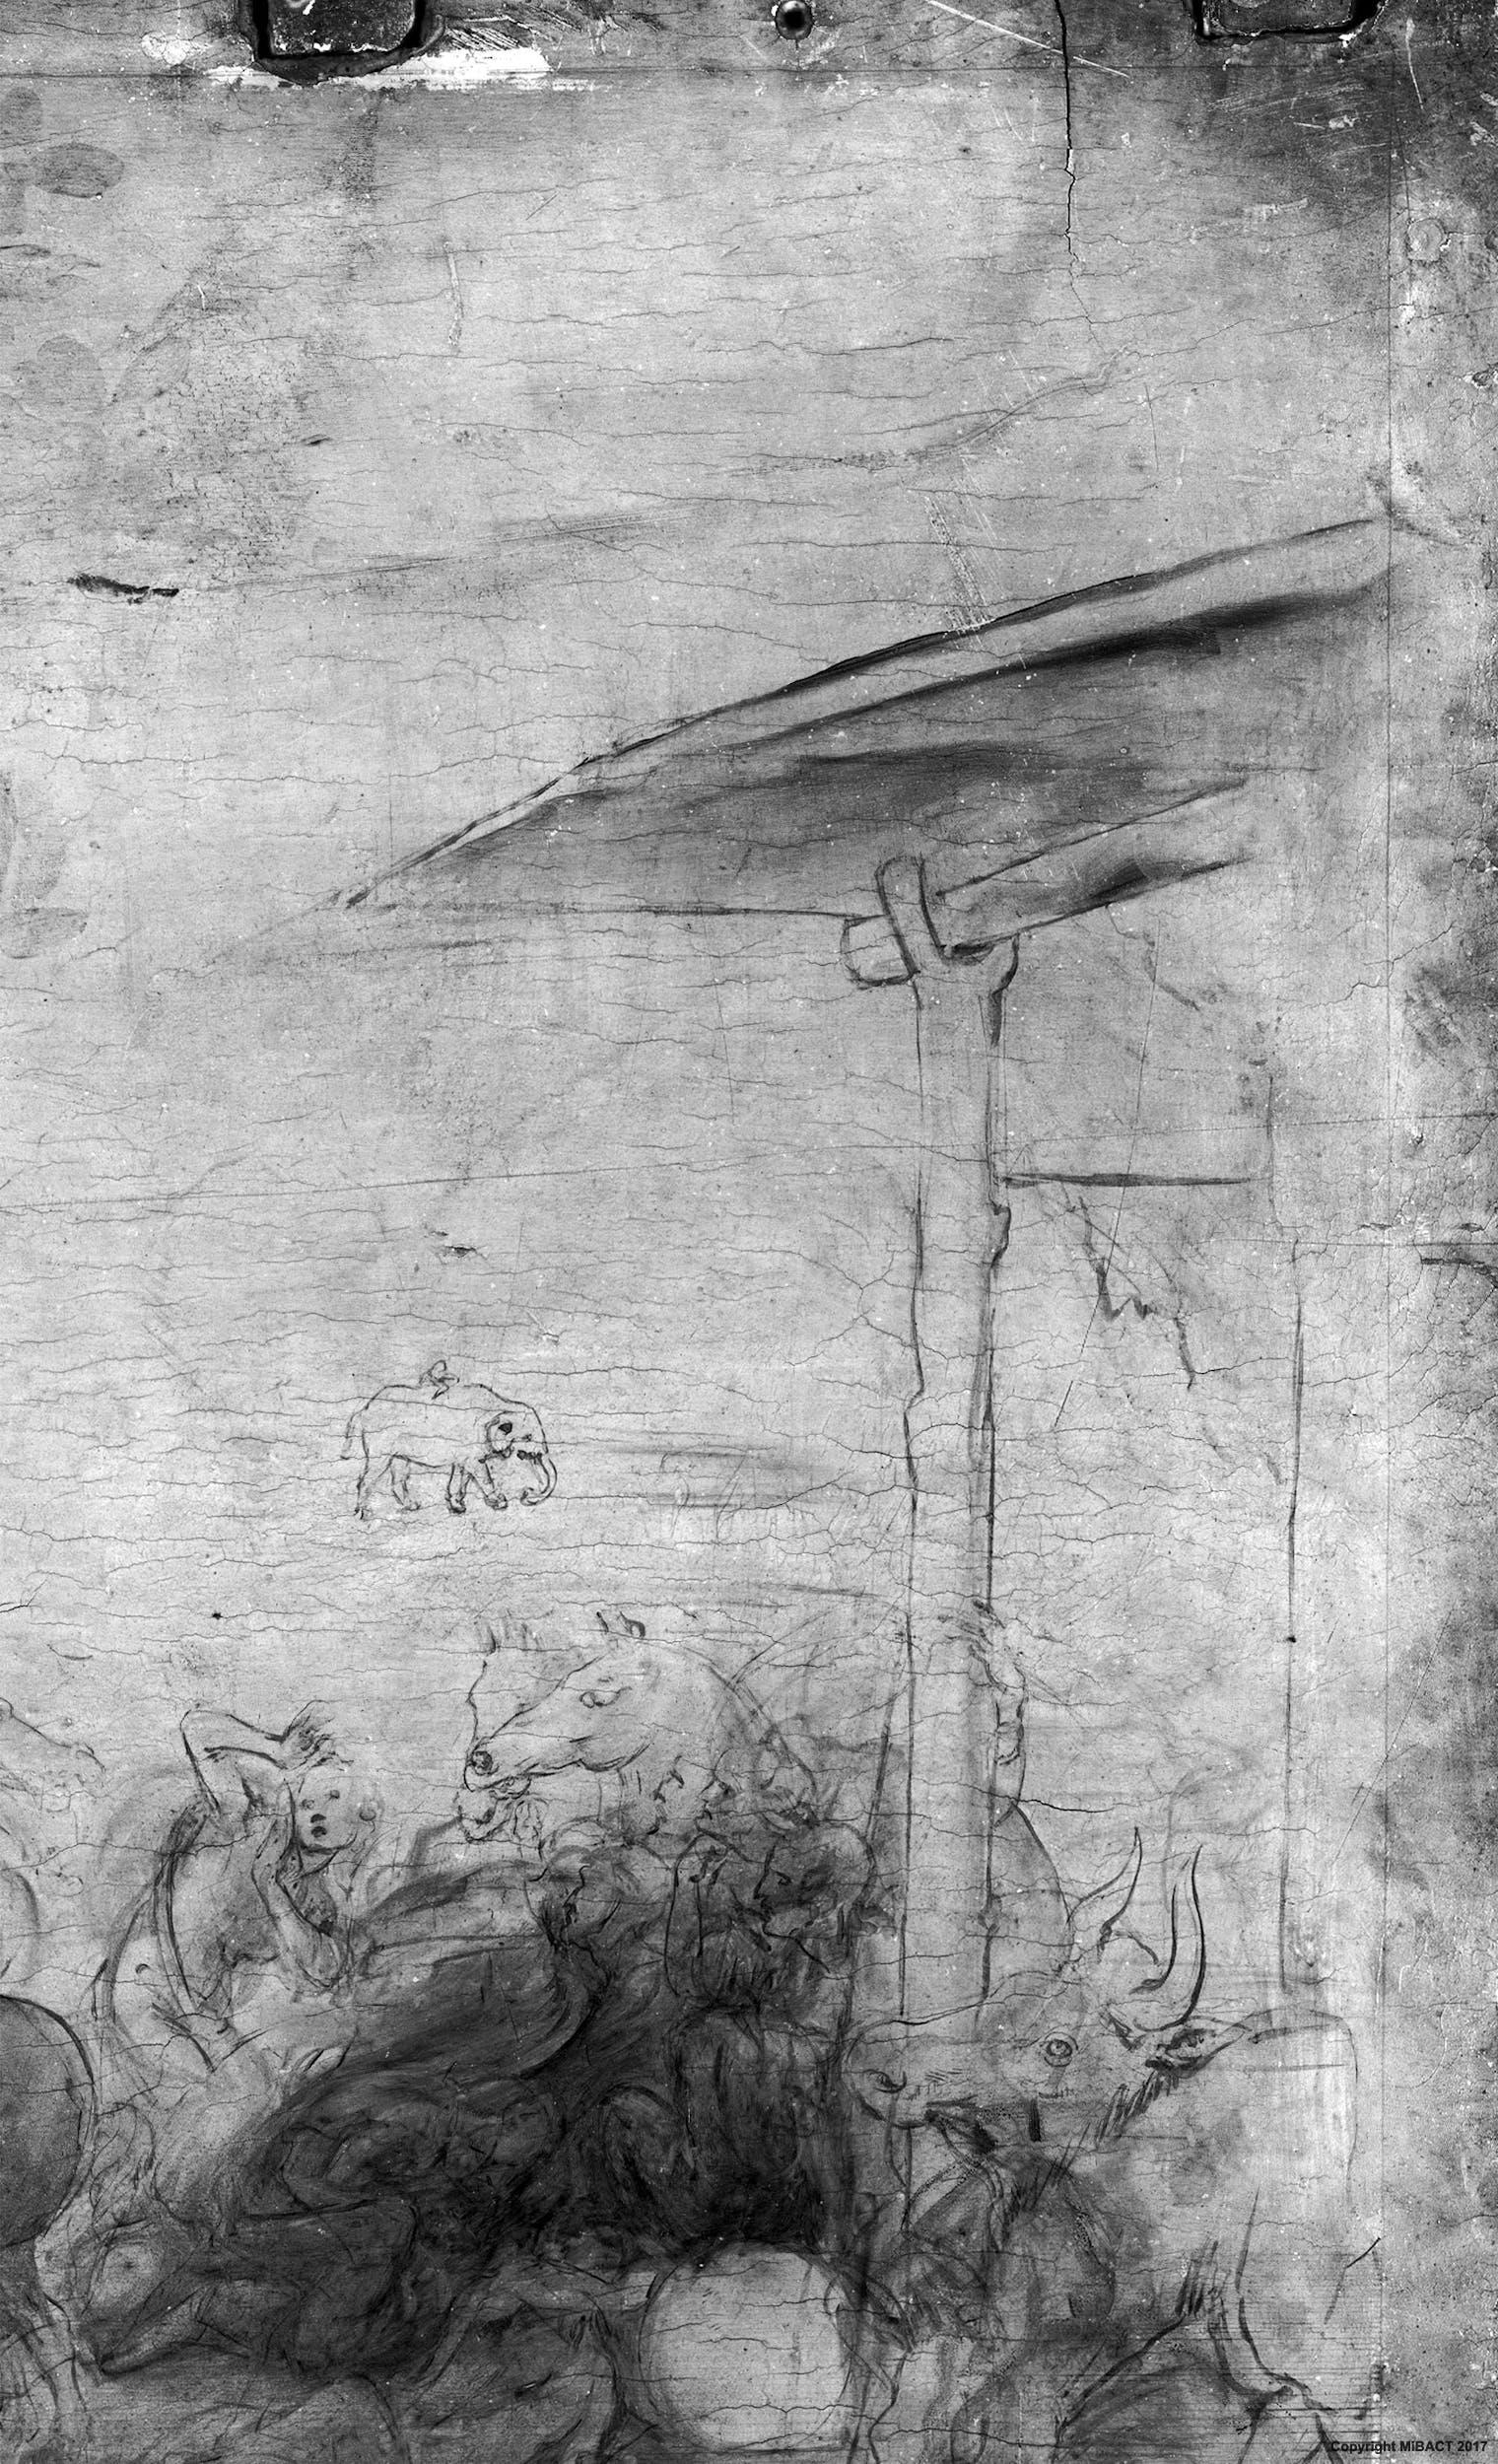 7c. Leonardo da Vinci, Adorazione dei Magi, dettaglio della riflettografia IR con le incisioni che segnano i bordi